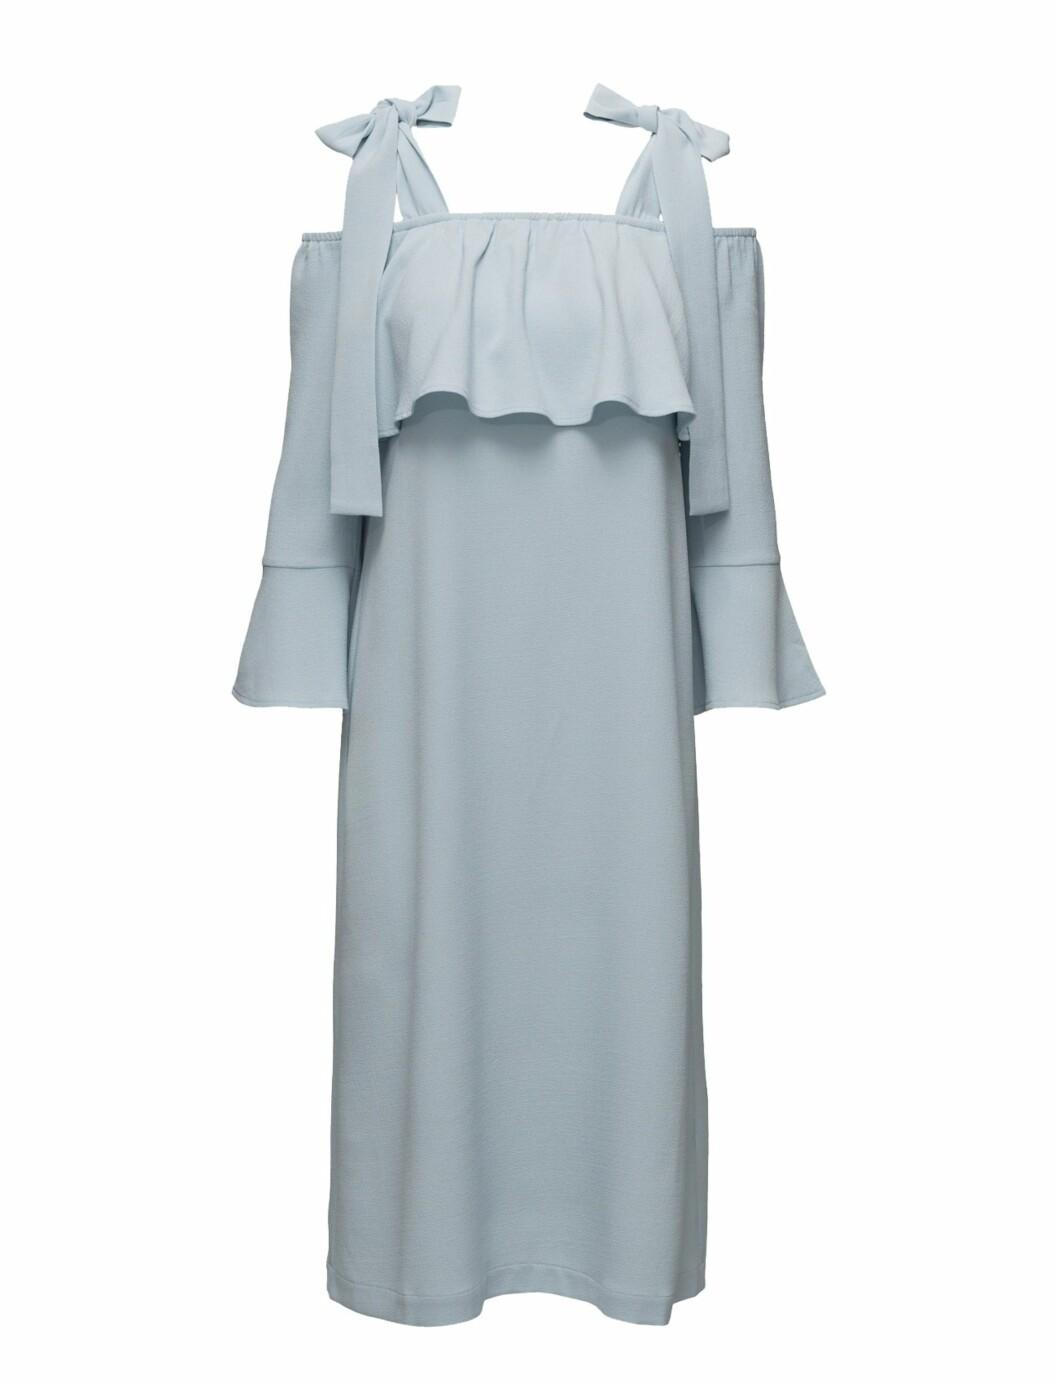 <strong>Lys blå kjole fra Ganni |kr 1899 | http:</strong>//apprl.com/sv/pd/4Ky0/